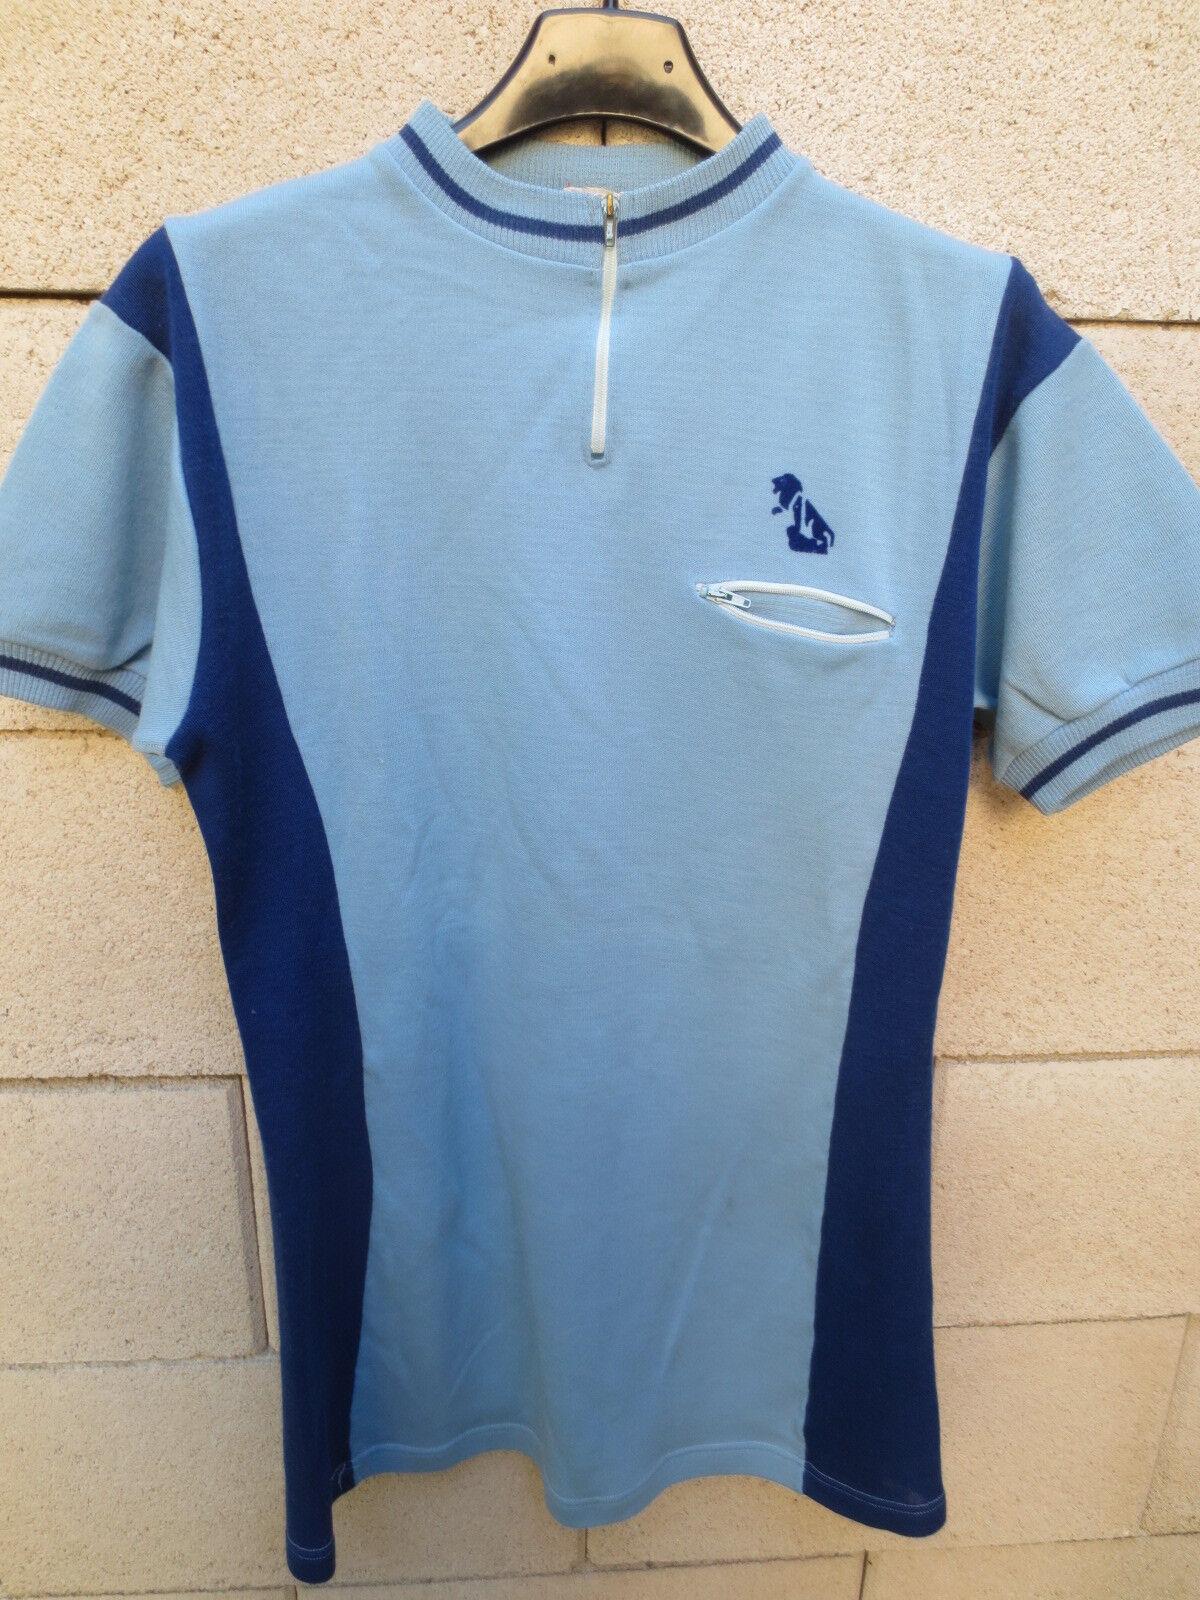 VINTAGE Maillot cycliste PEUGEOT ancien SGAP DT laine cycling shirt années 70 laine DT c5206a